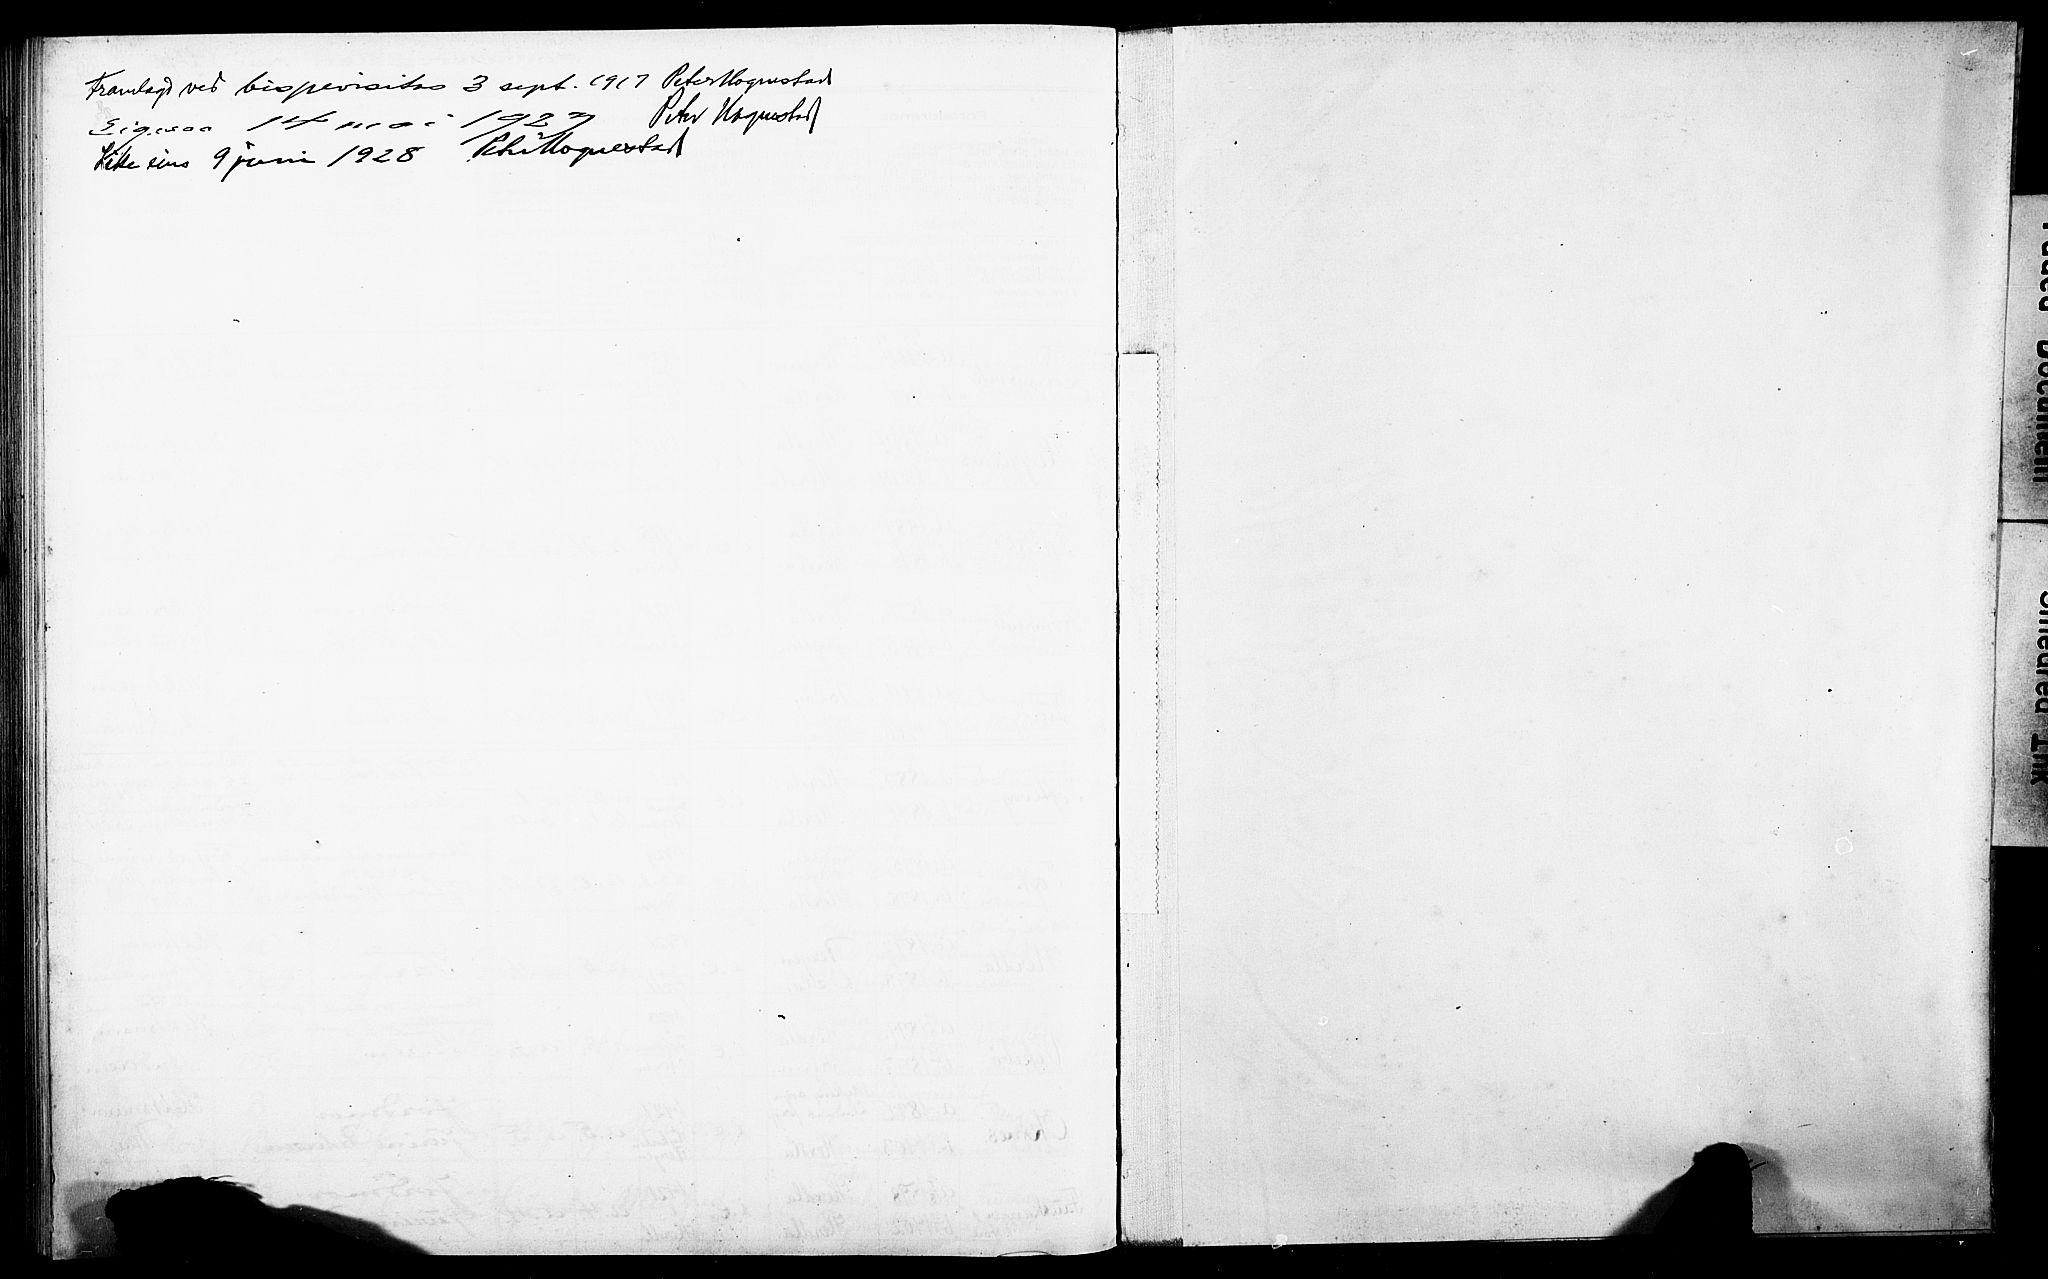 SAB, Herdla Sokneprestembete, I/Id/L00A1: Fødselsregister nr. A 1, 1916-1929